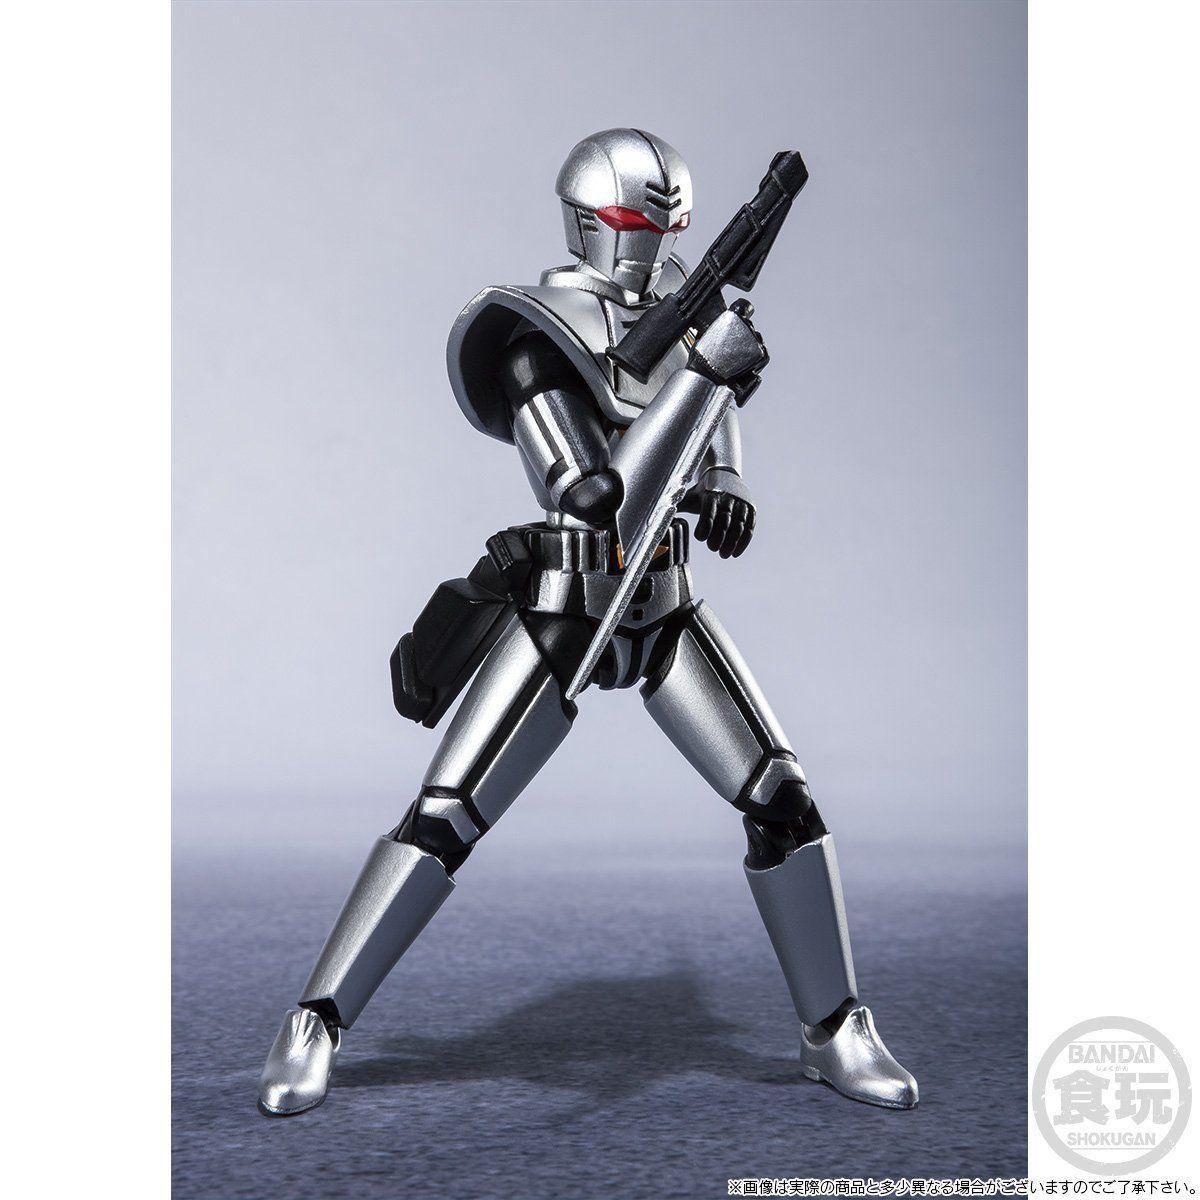 【限定販売】【食玩】SHODO SUPER『バイオハンター・シルバ』超電子バイオマン 可動フィギュア-005